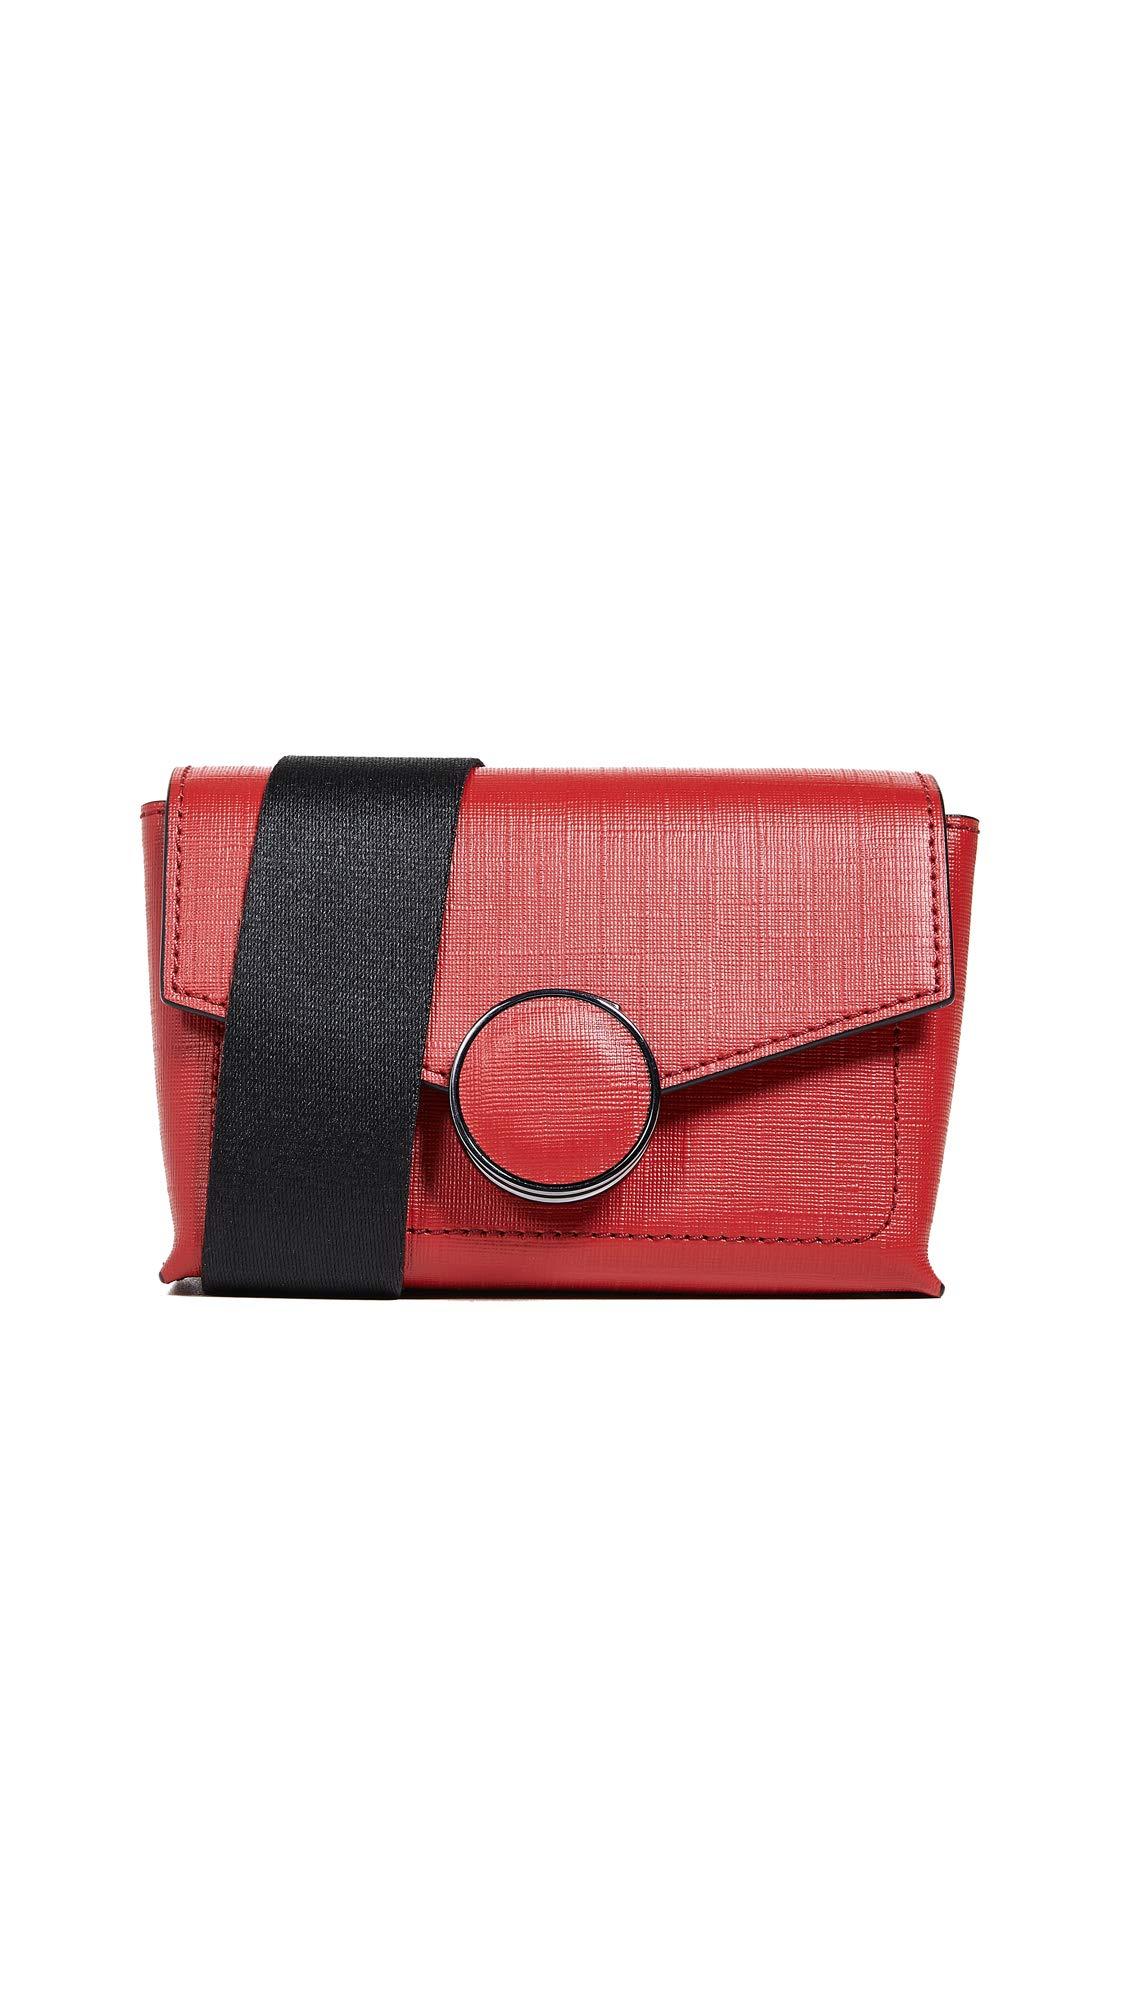 Botkier Women's Nolita Belt Bag, Fire Red, One Size